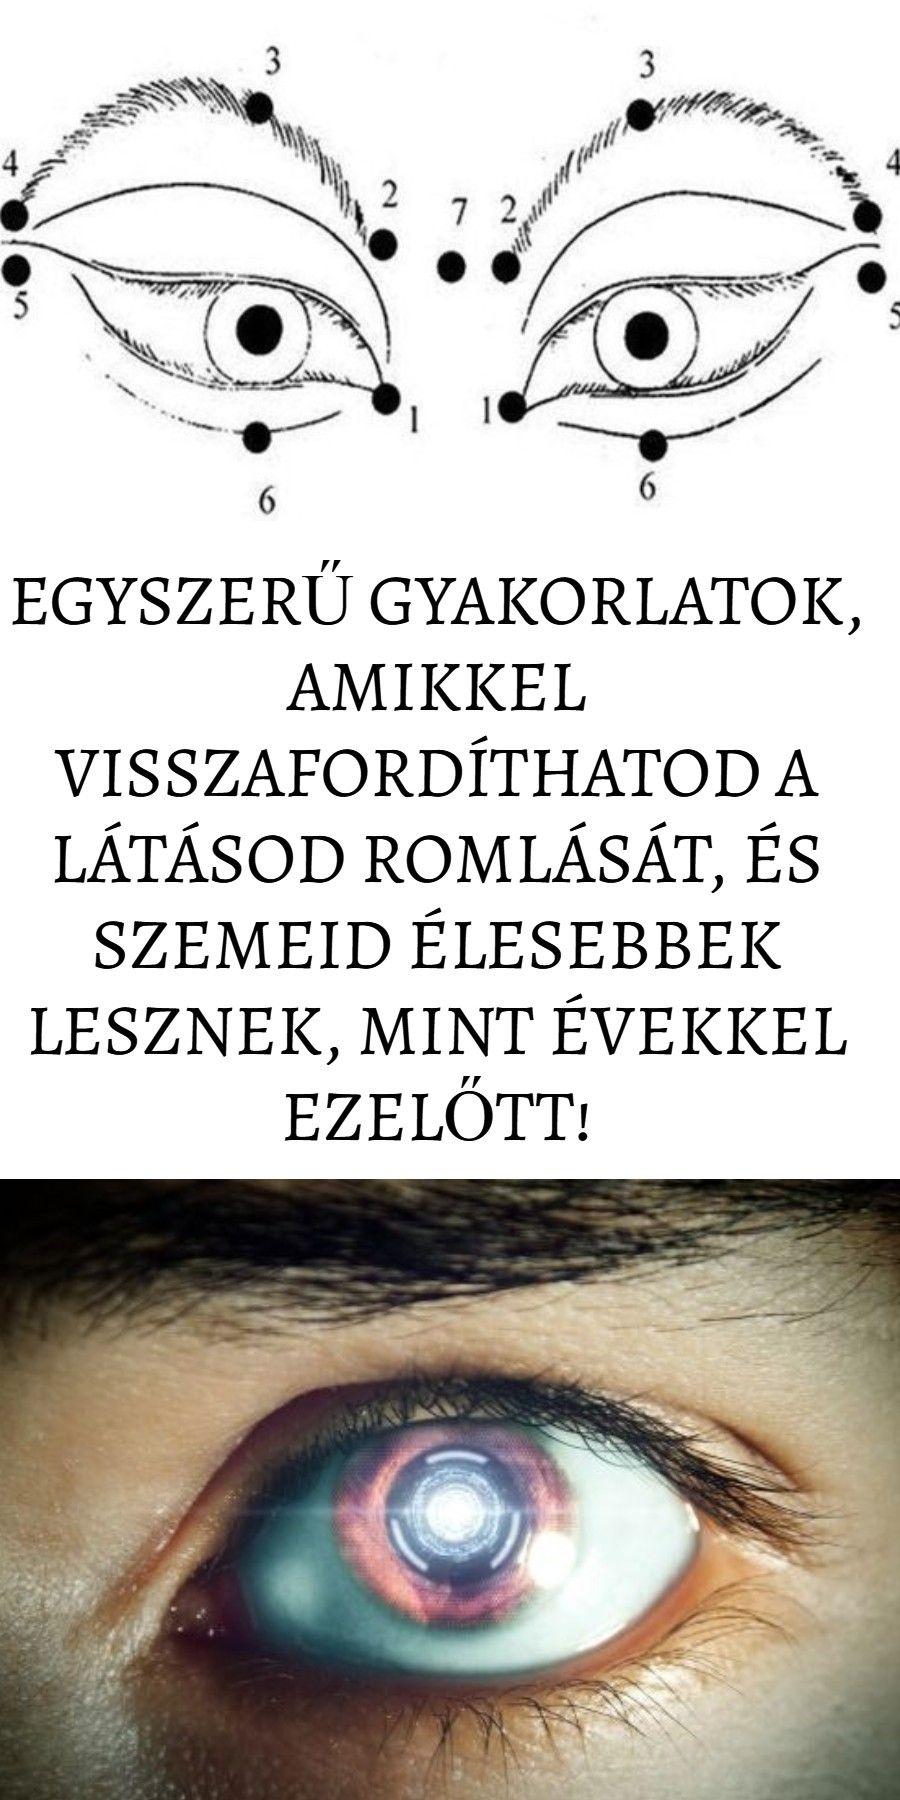 gyakorlatok listája a látás helyreállításához)